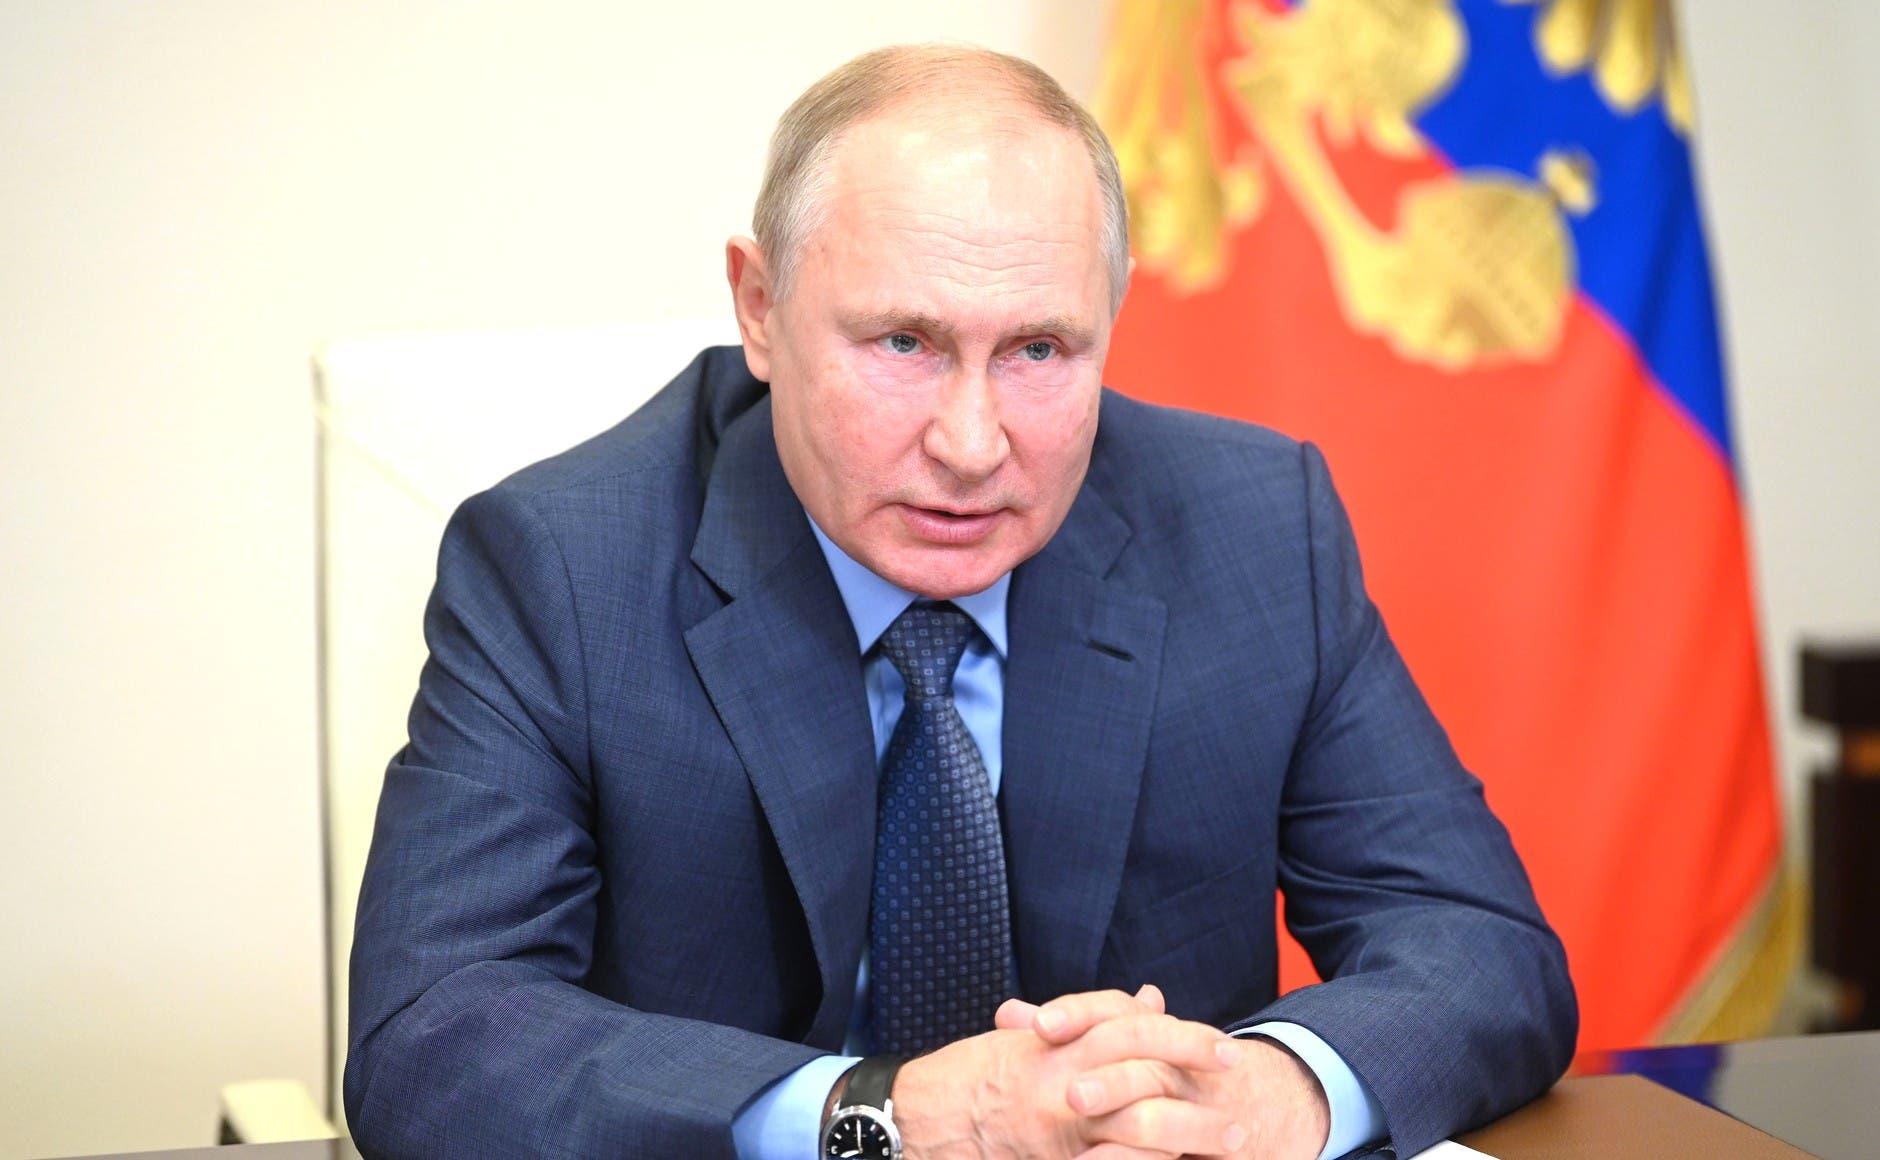 Muxuu madaxweyne Putin ku macneeyey 20-kii sano ee Mareykanka ee Afghanistan?